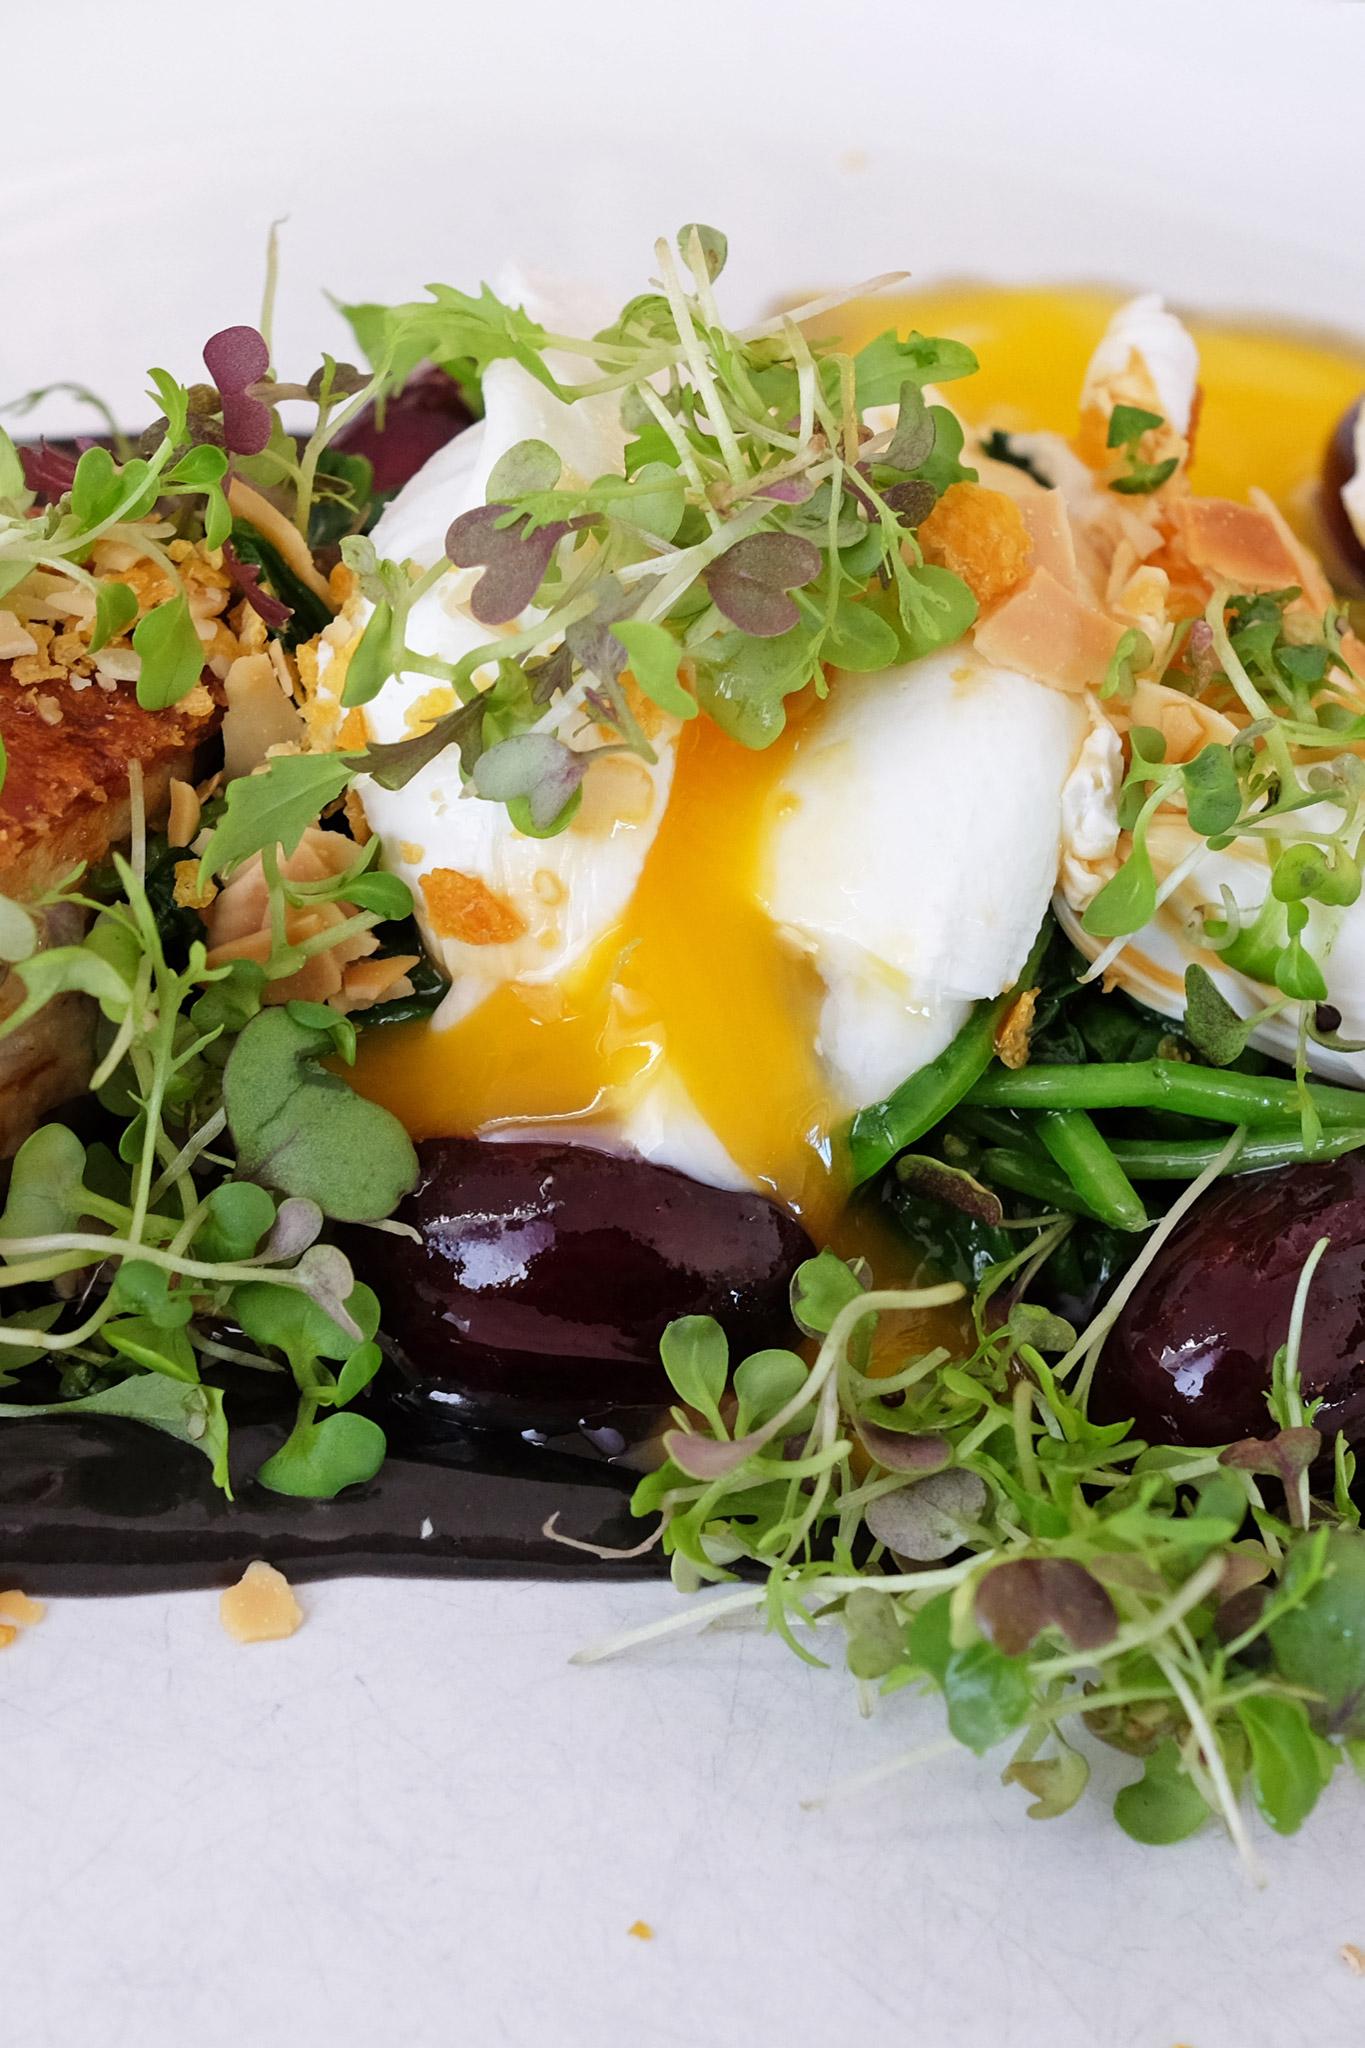 More runny egg yolk